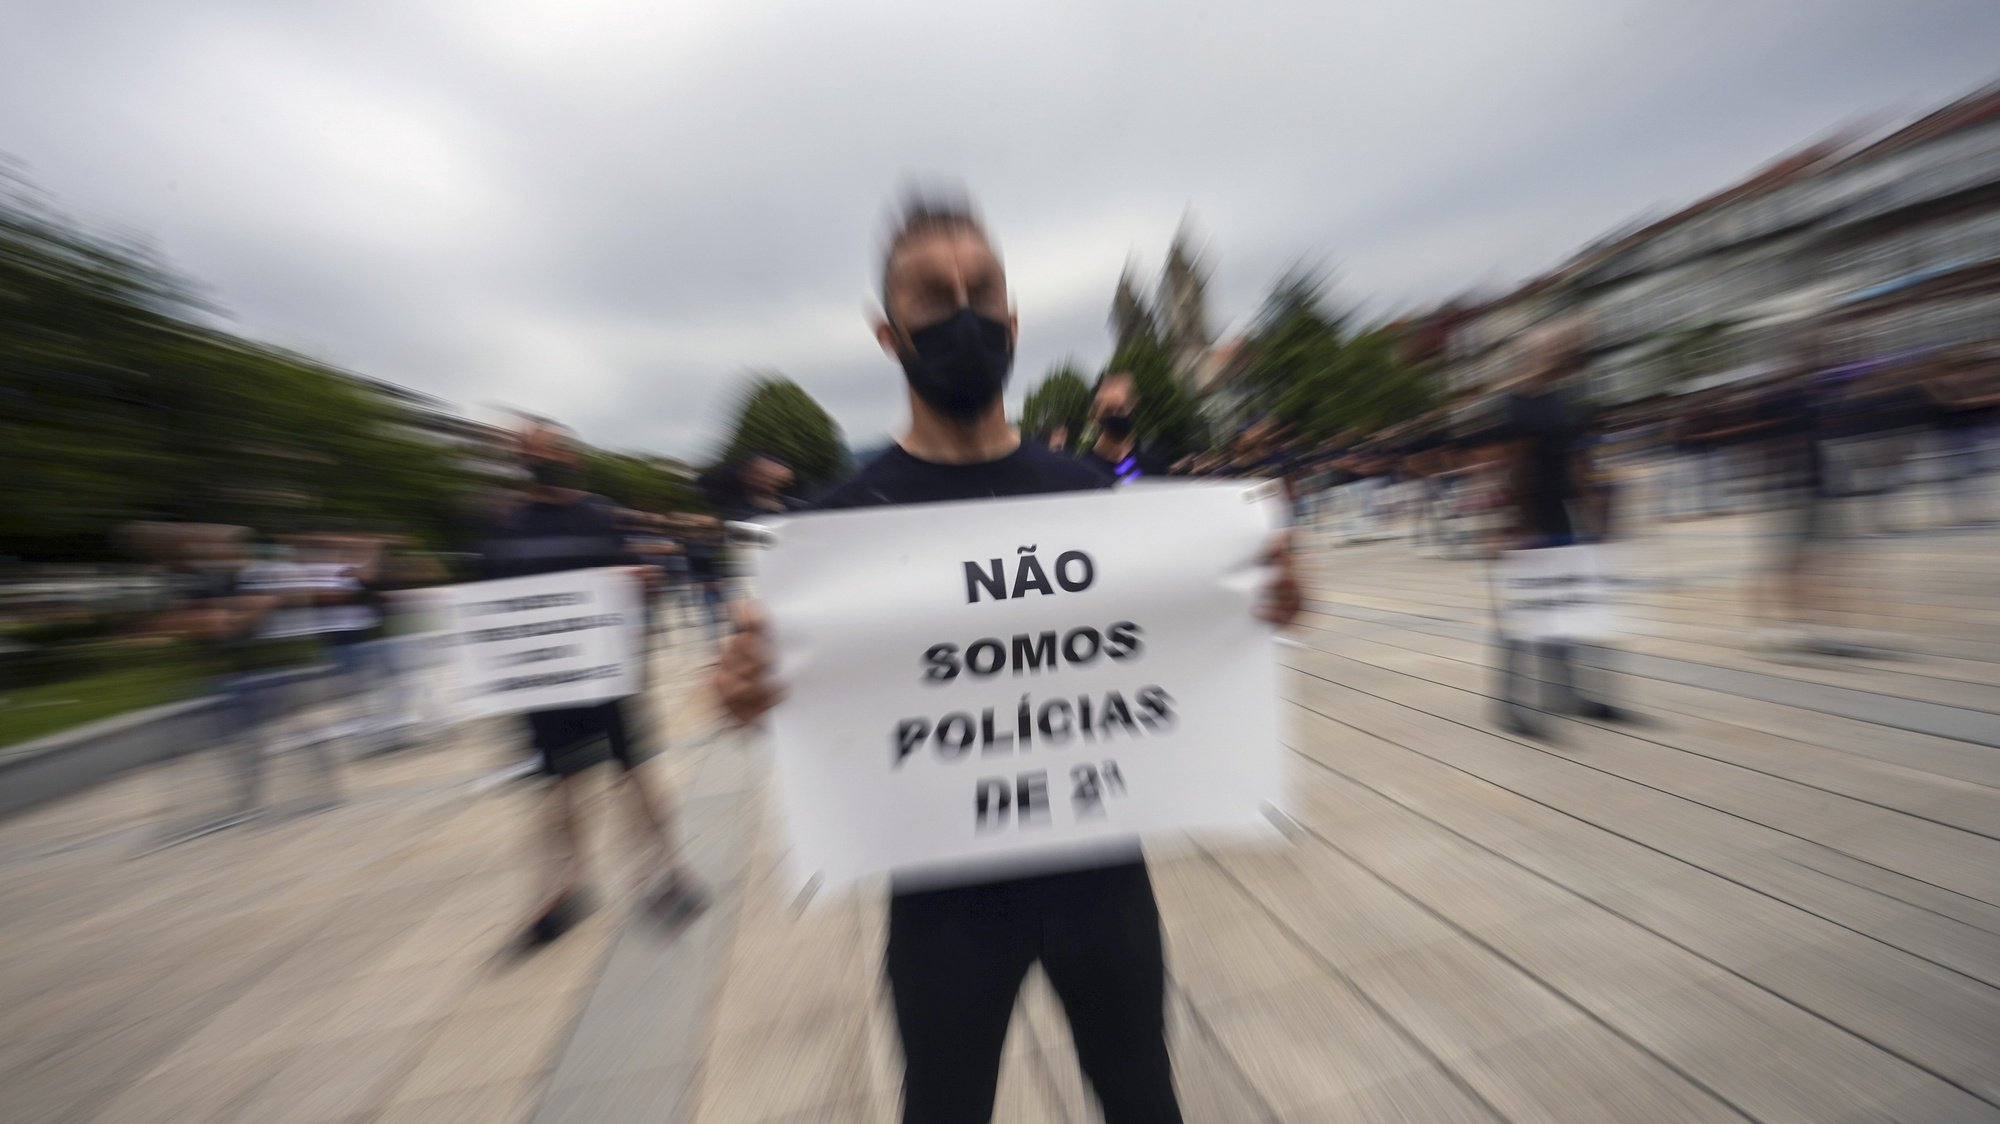 Cerca de 300 polícias participam na marcha silenciosa de polícias por um subsídio de risco justo que terminou em frente ao edifício do Comando Distrital da PSP de Braga, 20 de julho de 2021. HUGO DELGADO/LUSA